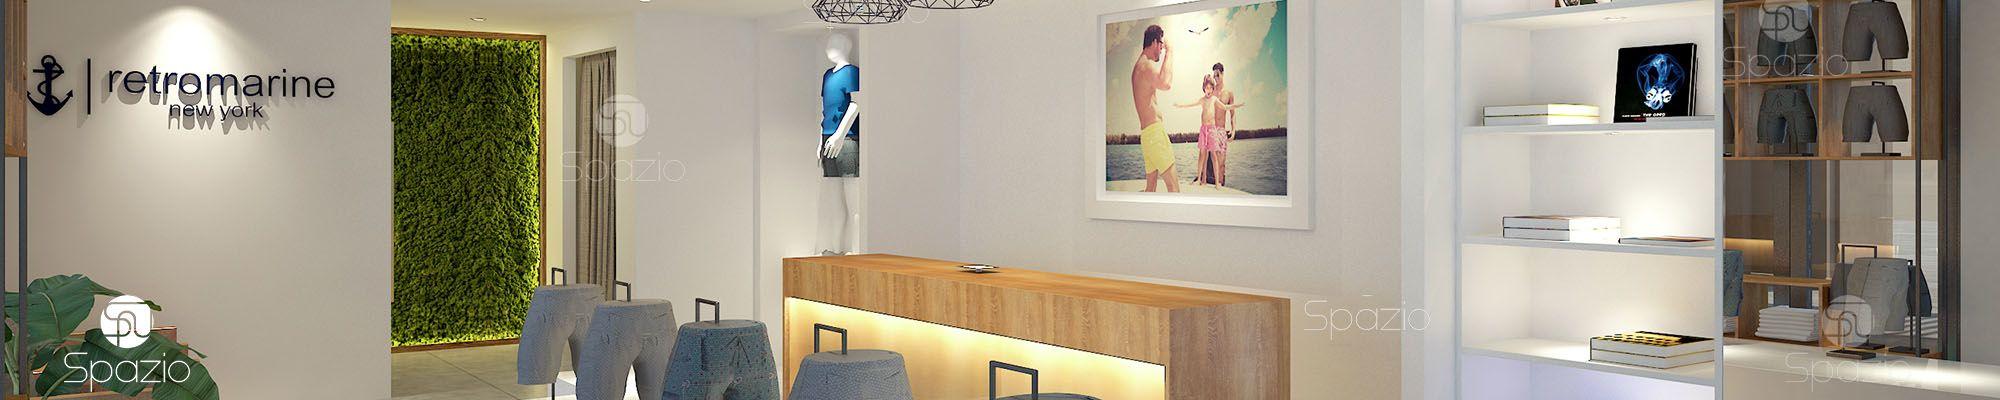 retail design spazio